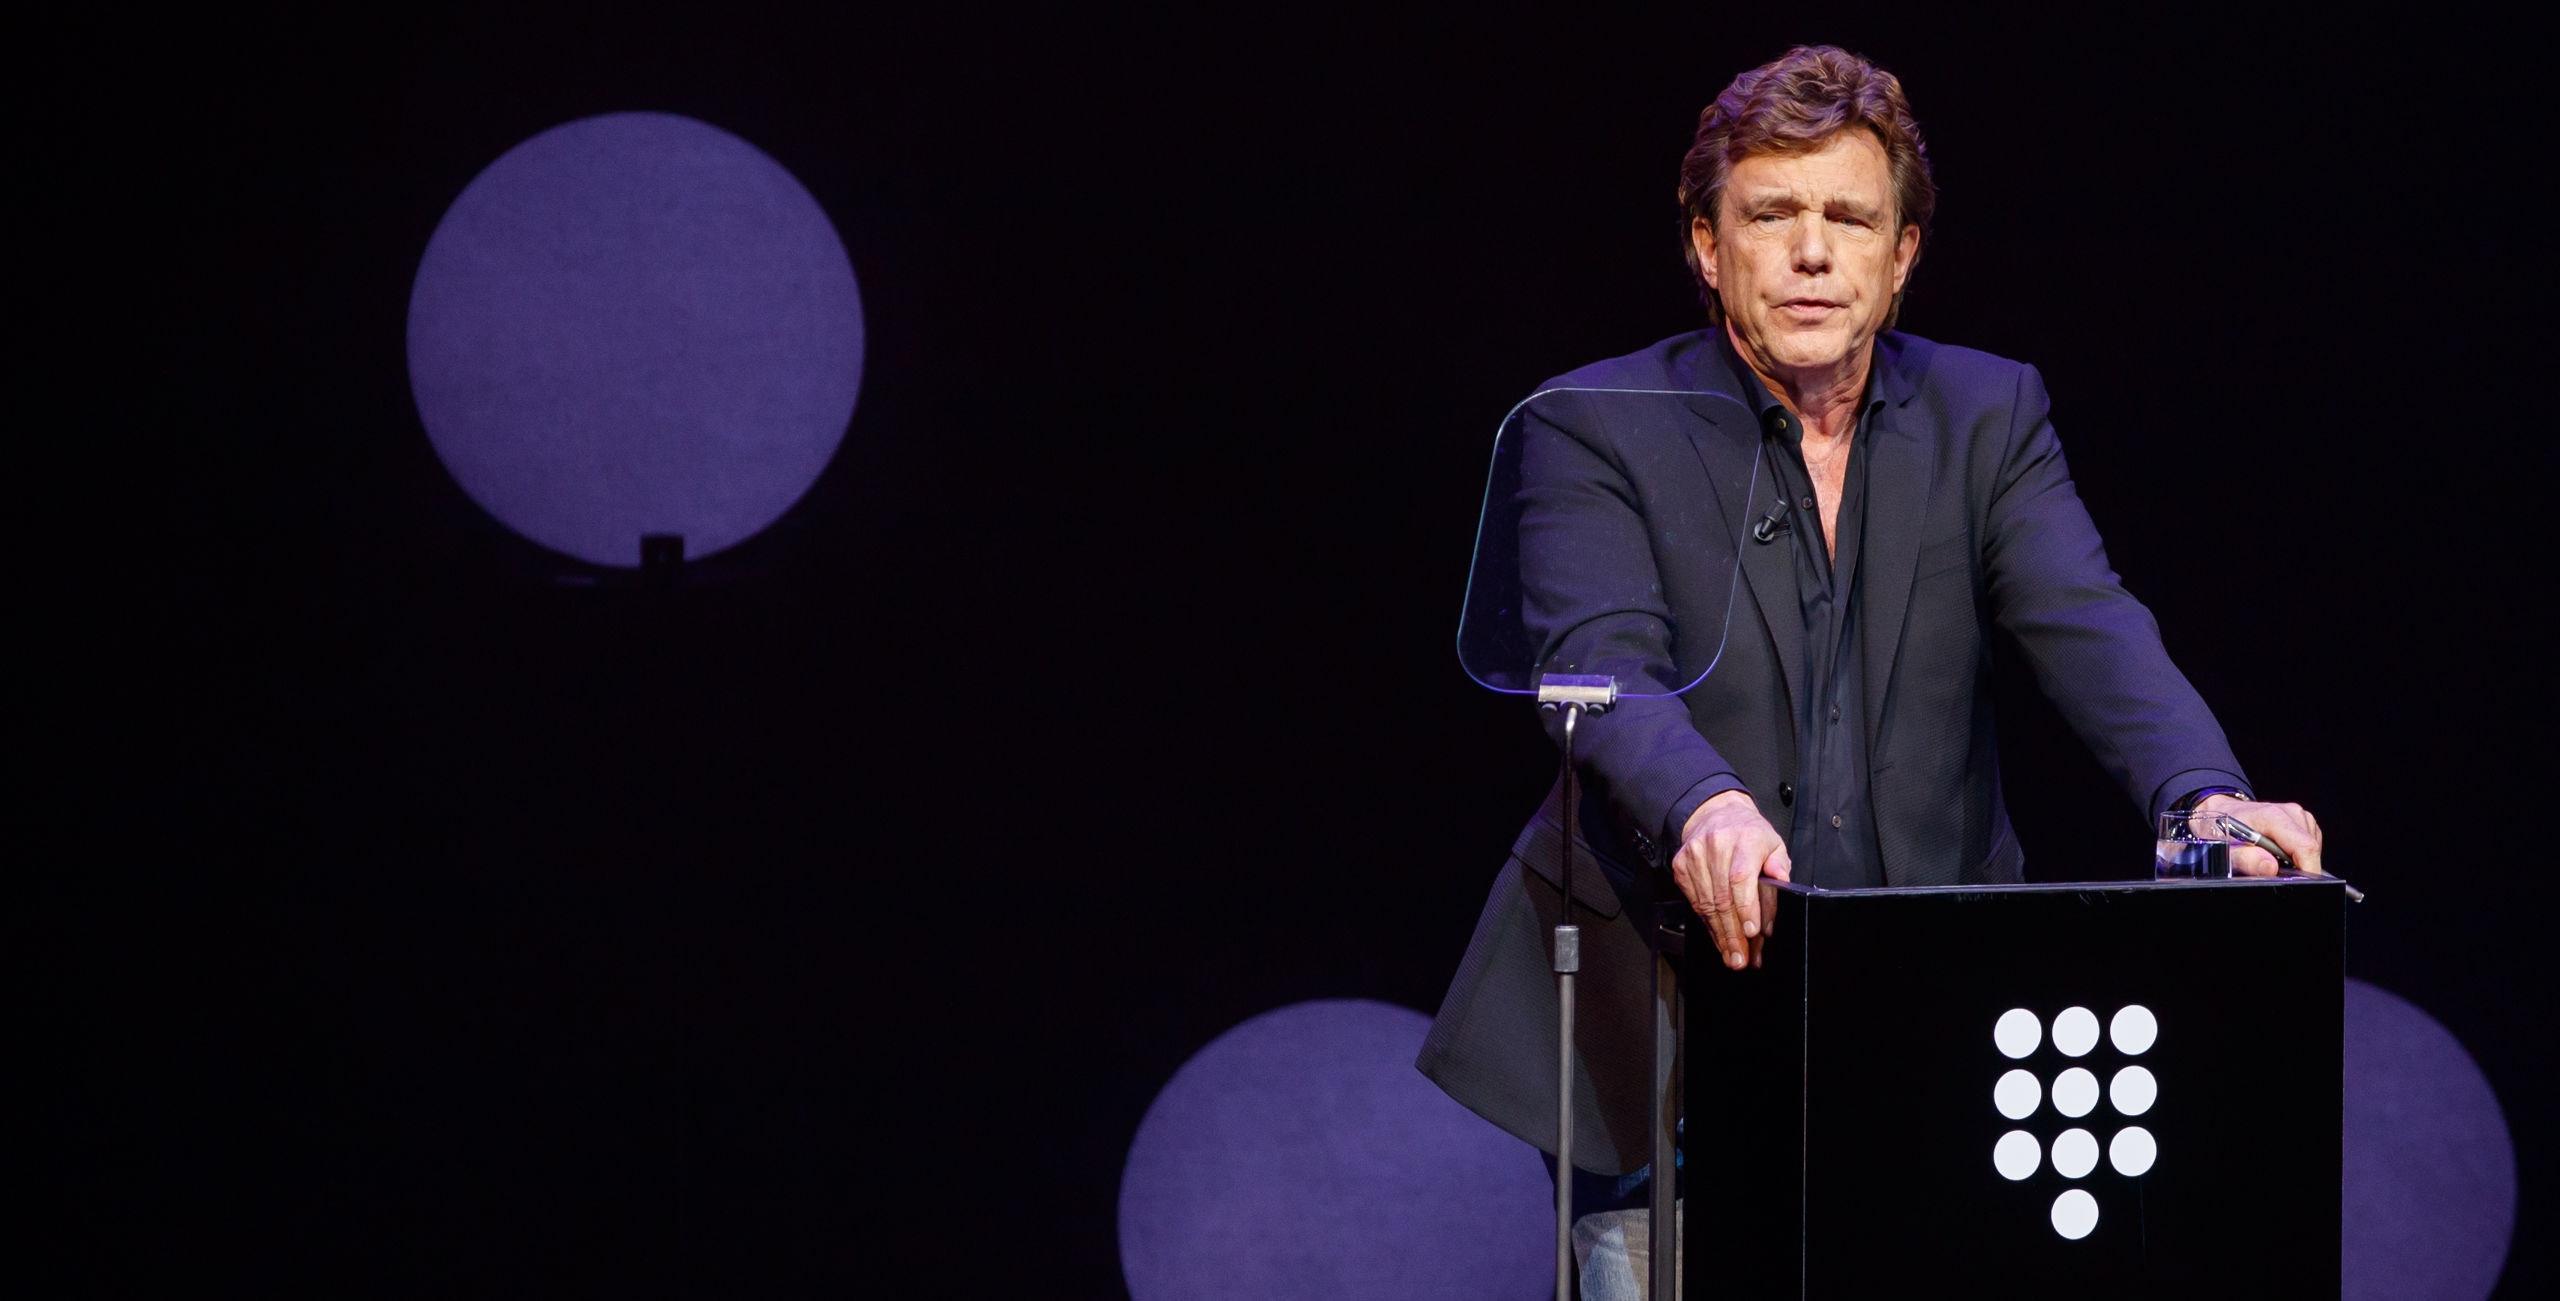 AMSTERDAM - John de Mol tijdens de presentatie van de plannen van Talpa voor SBS in het DeLaMar Theater. ANP KIPPPA LEVIN EN PAULA